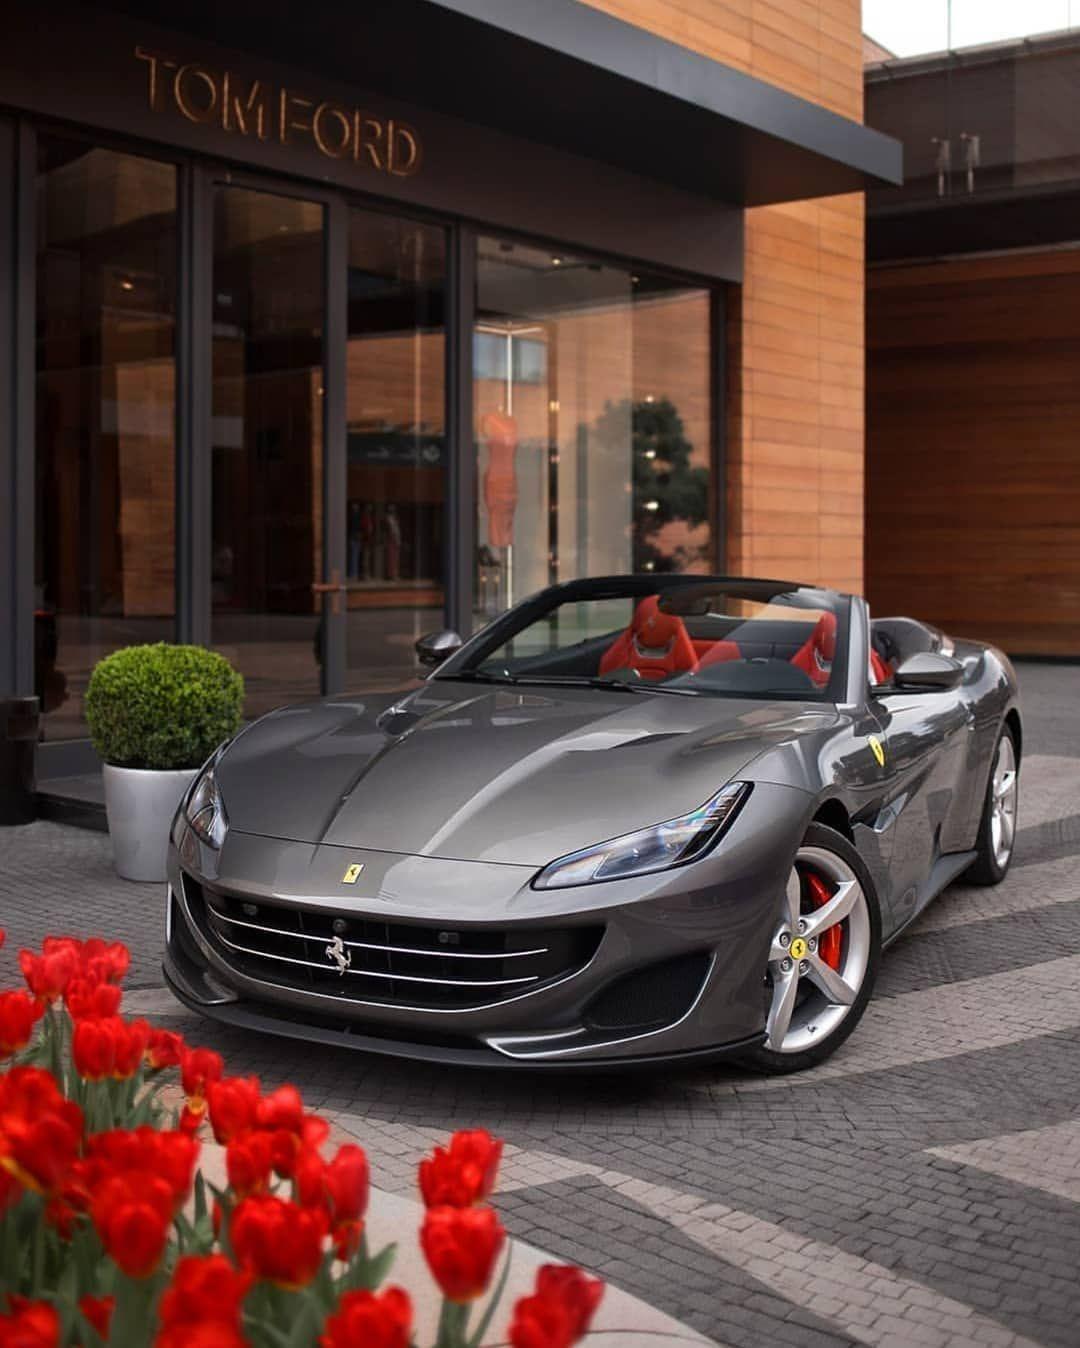 Ferrari Portofino: Ferrari Portofino (2018) 3.9 Liter V8 Twin Turbo 591hp